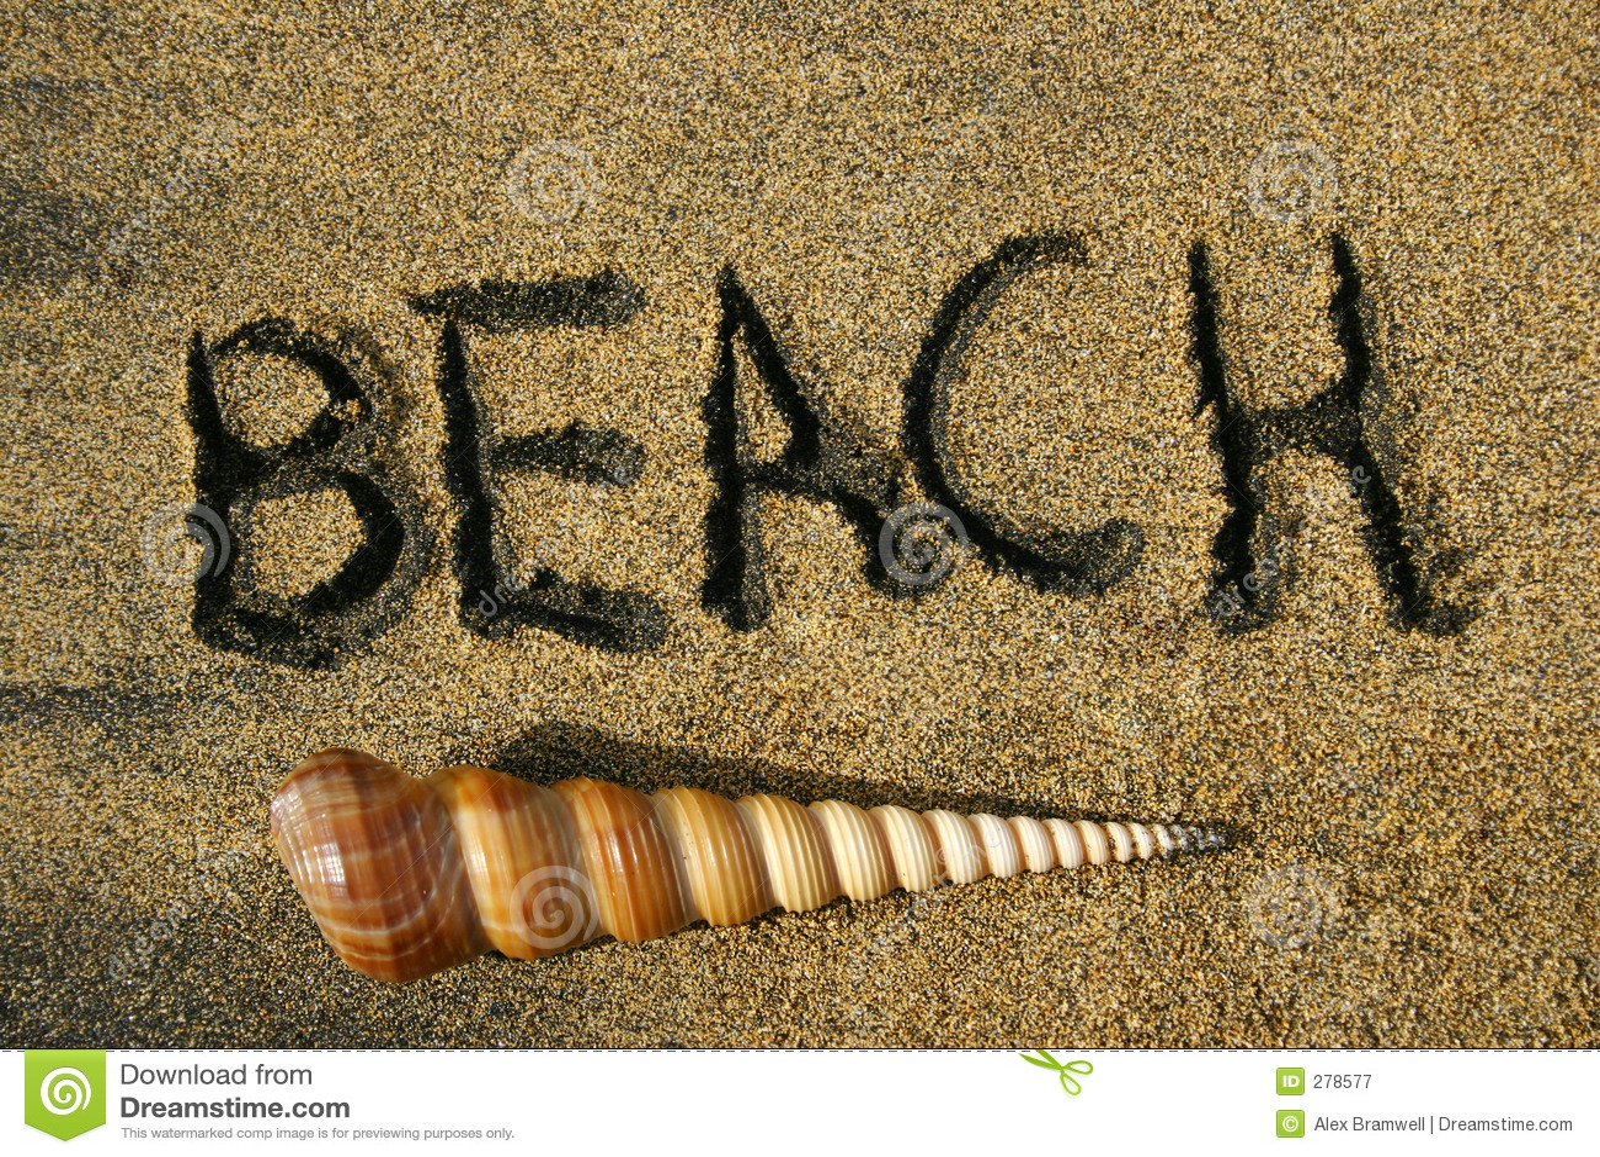 Strand Deze Manier